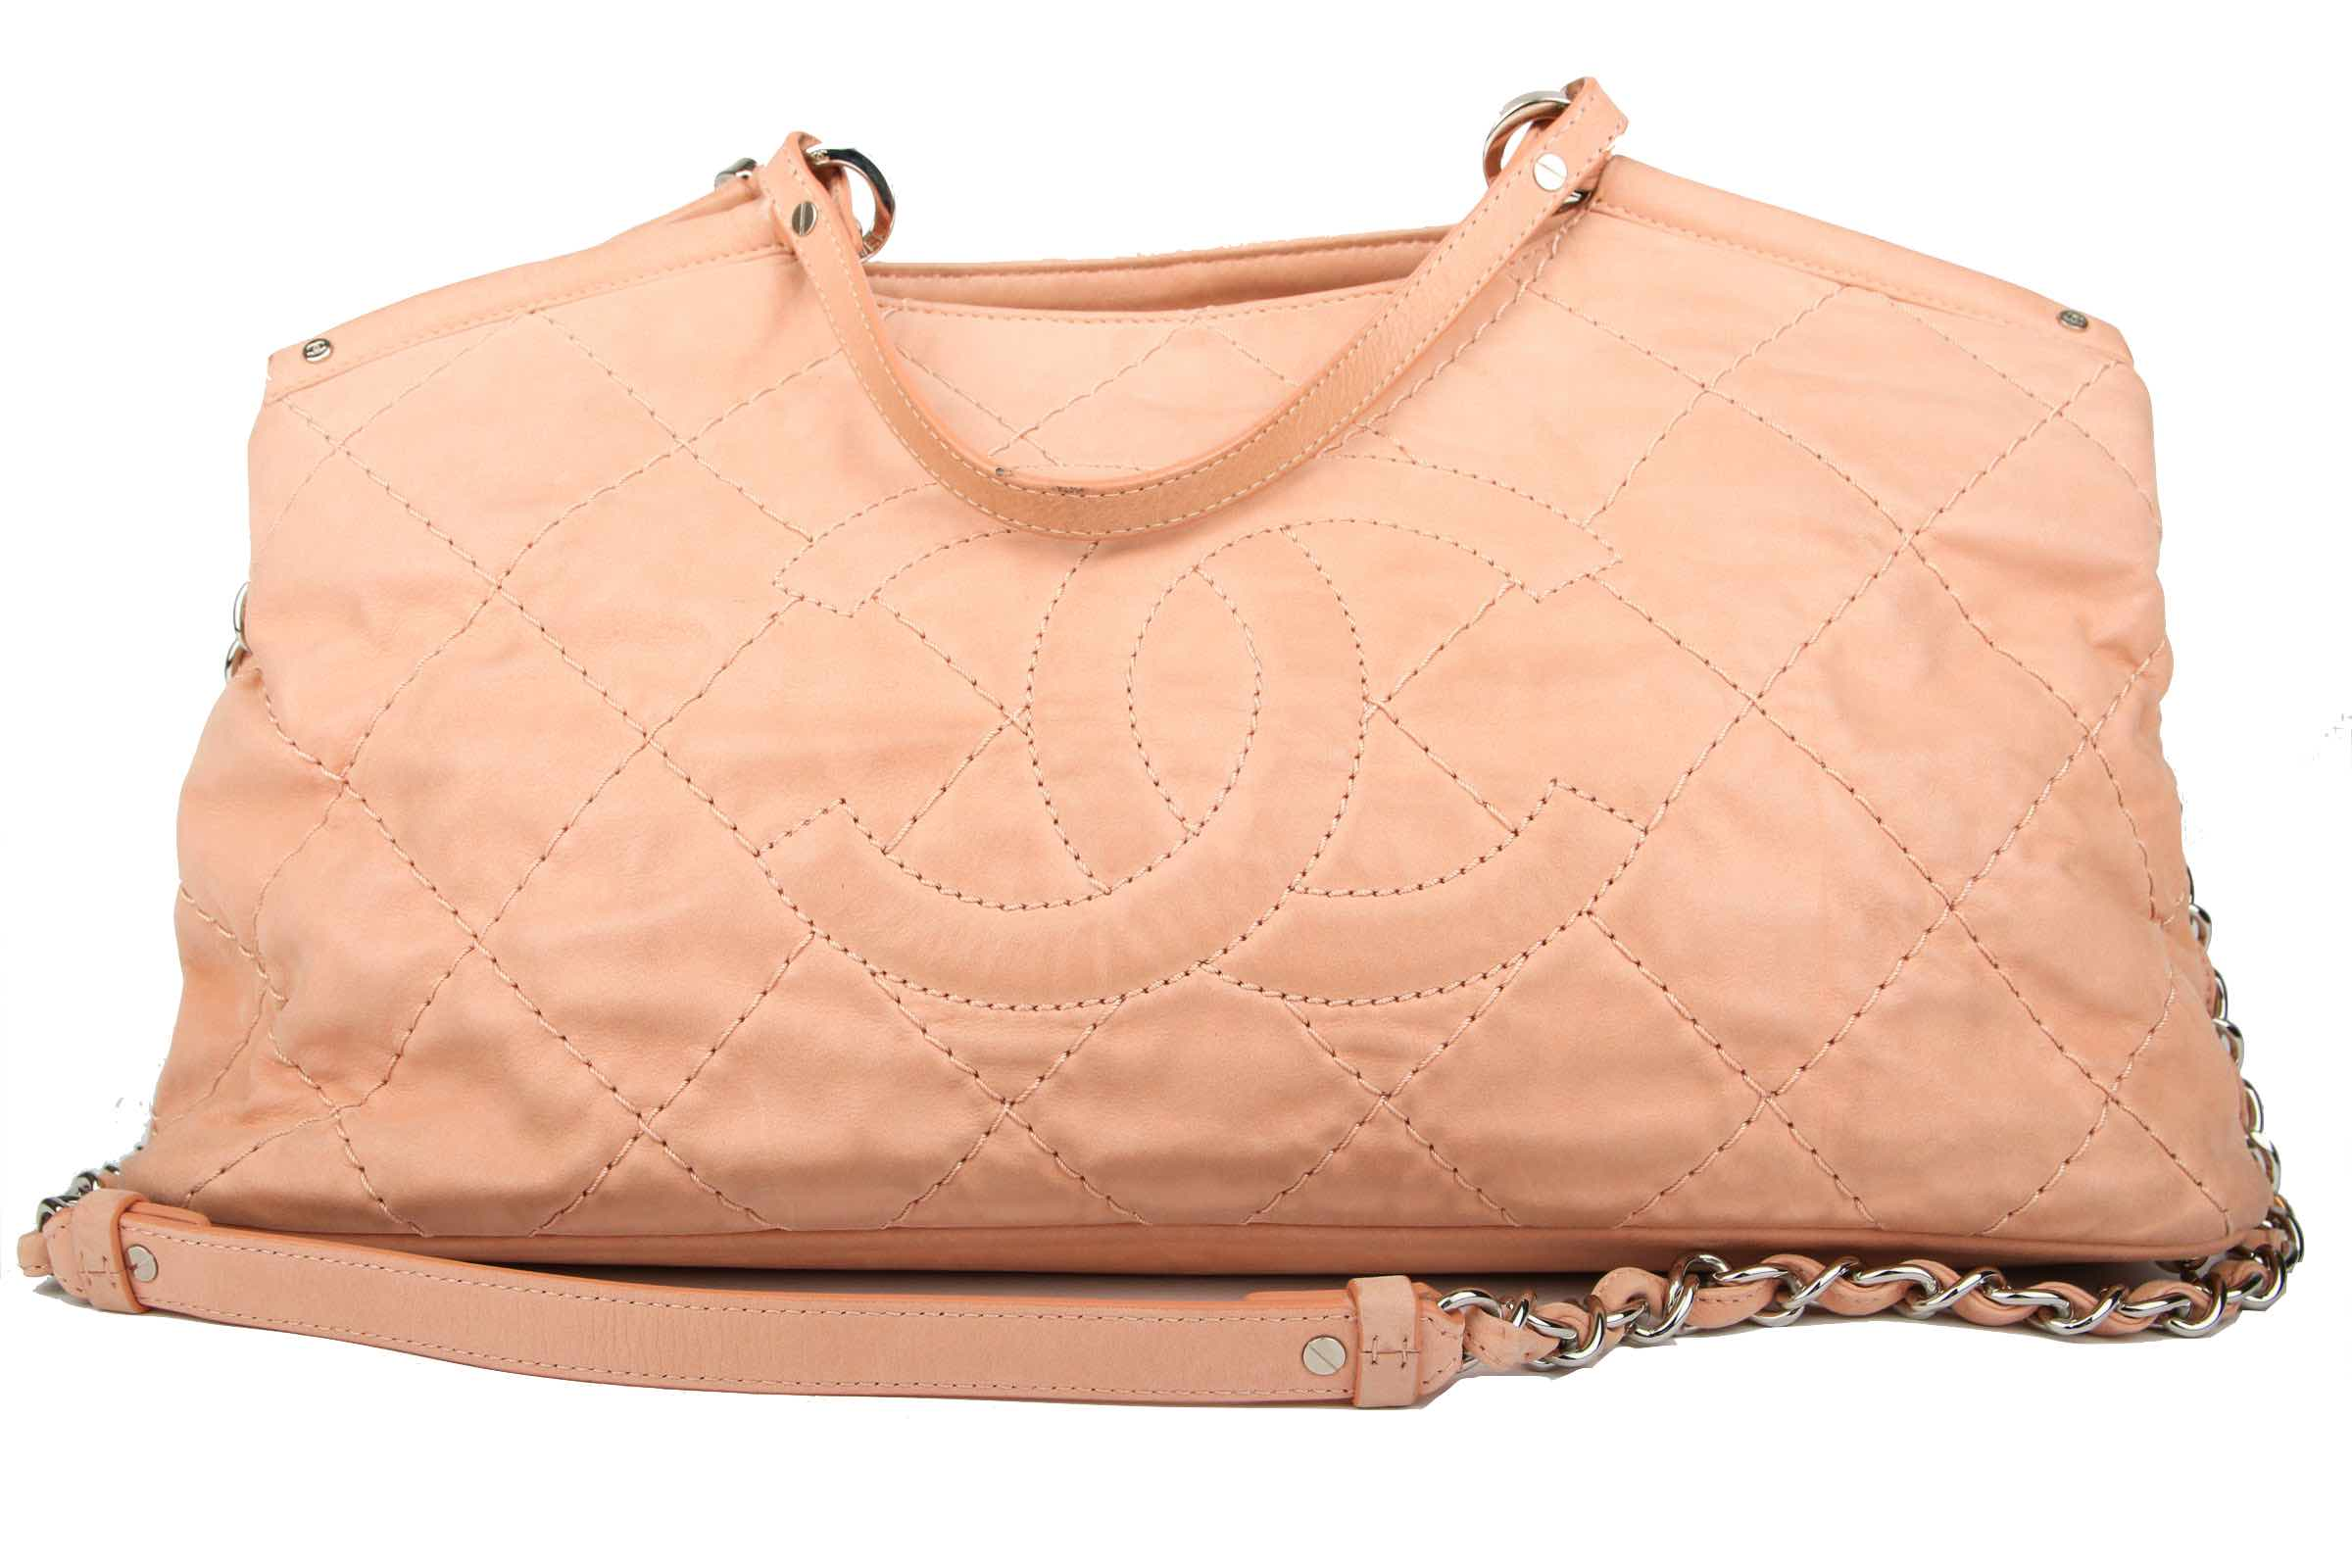 Chanel Handtaschen Accessoires Luxussachen Com